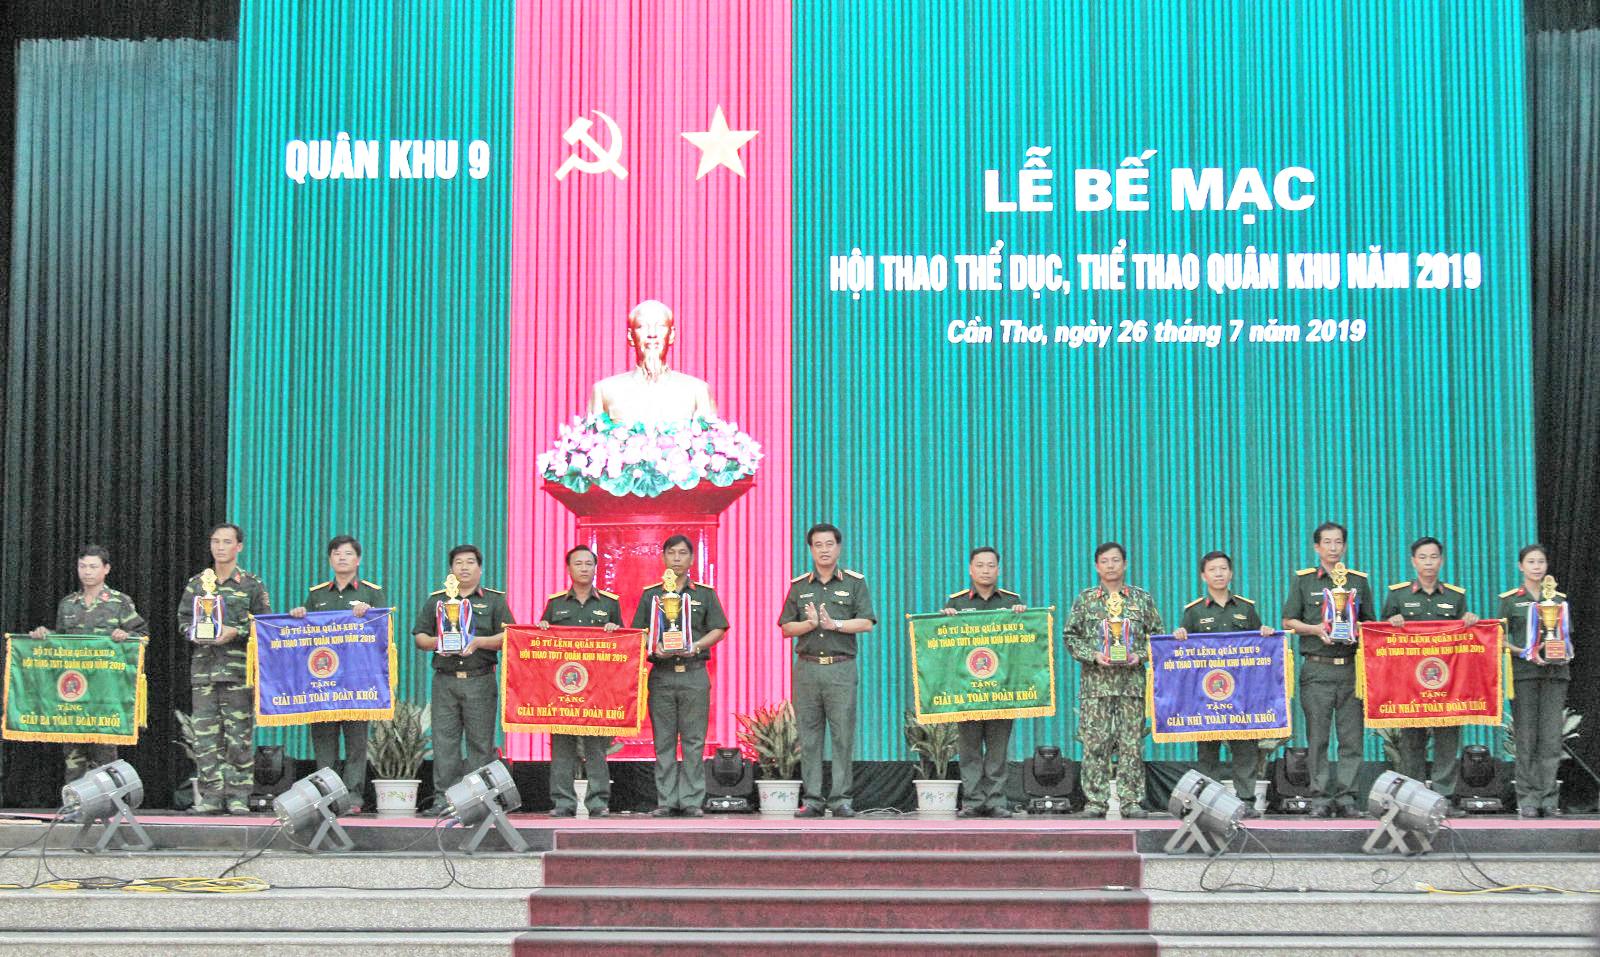 Thiếu tướng Trương Minh Khải (giữa) trao cờ toàn đoàn cho các đơn vị. Ảnh: Nguyễn Minh